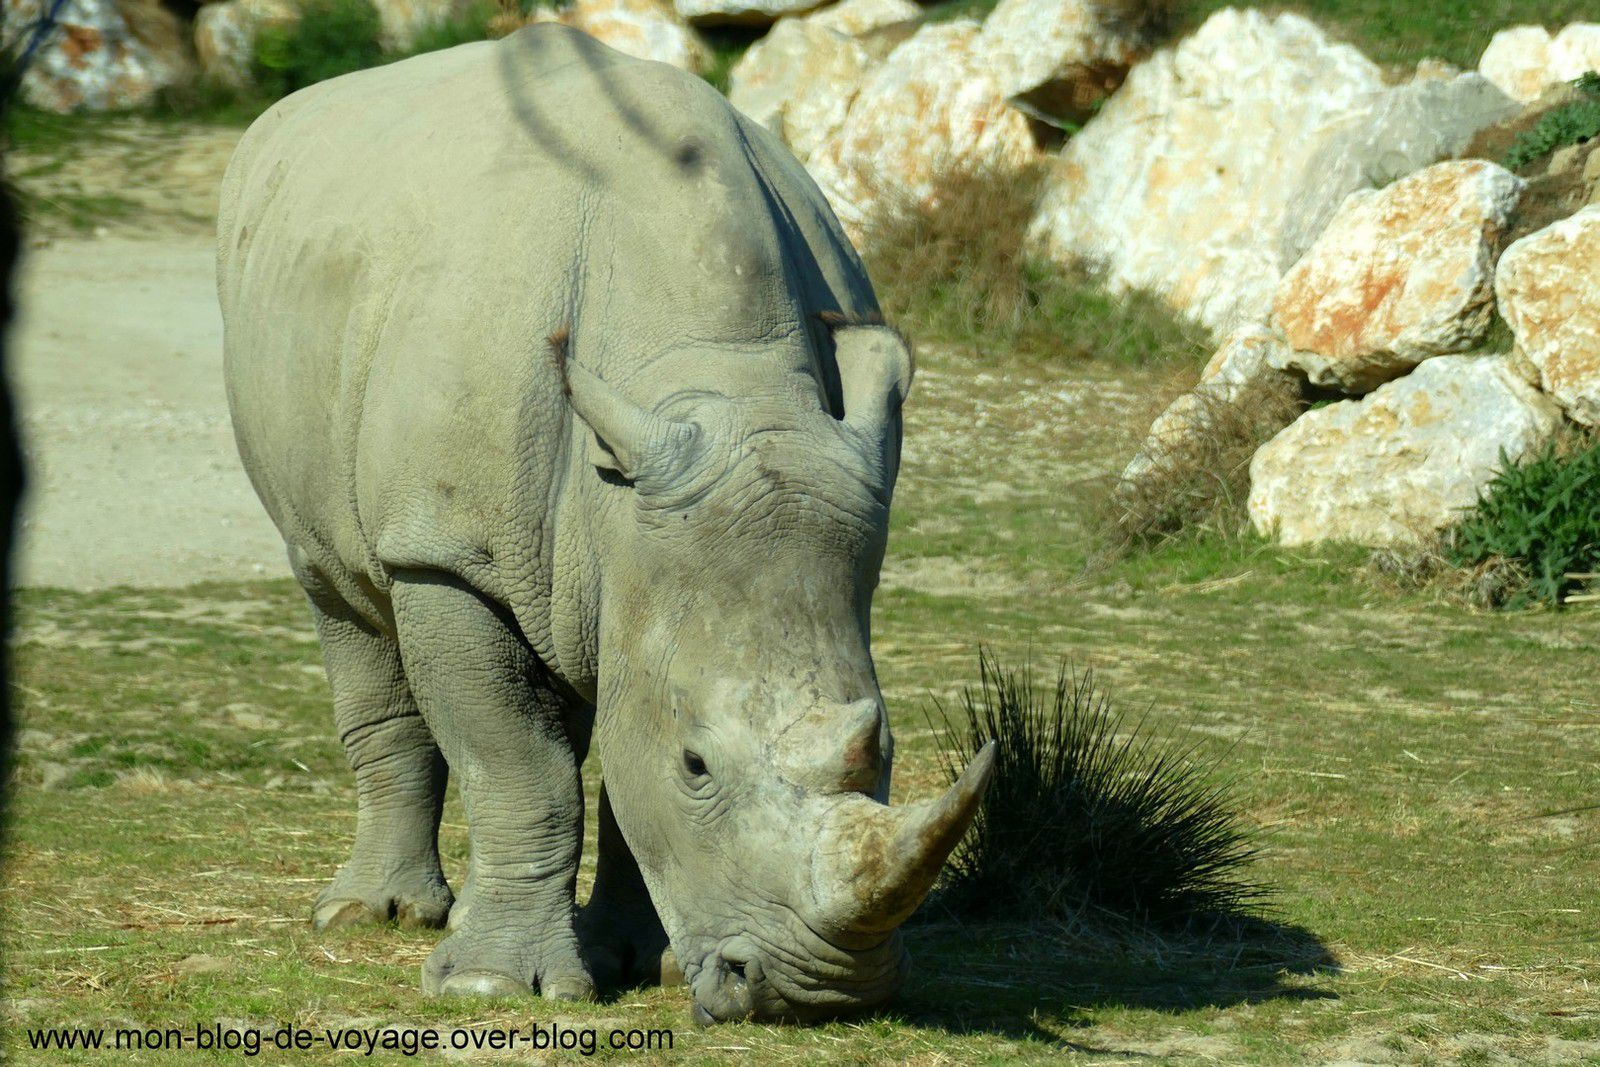 Les impressionnants rhinocéros blancs que les visiteurs peuvent découvrir dans ce parc en toute sécurité (mars 2019, images personnelles)